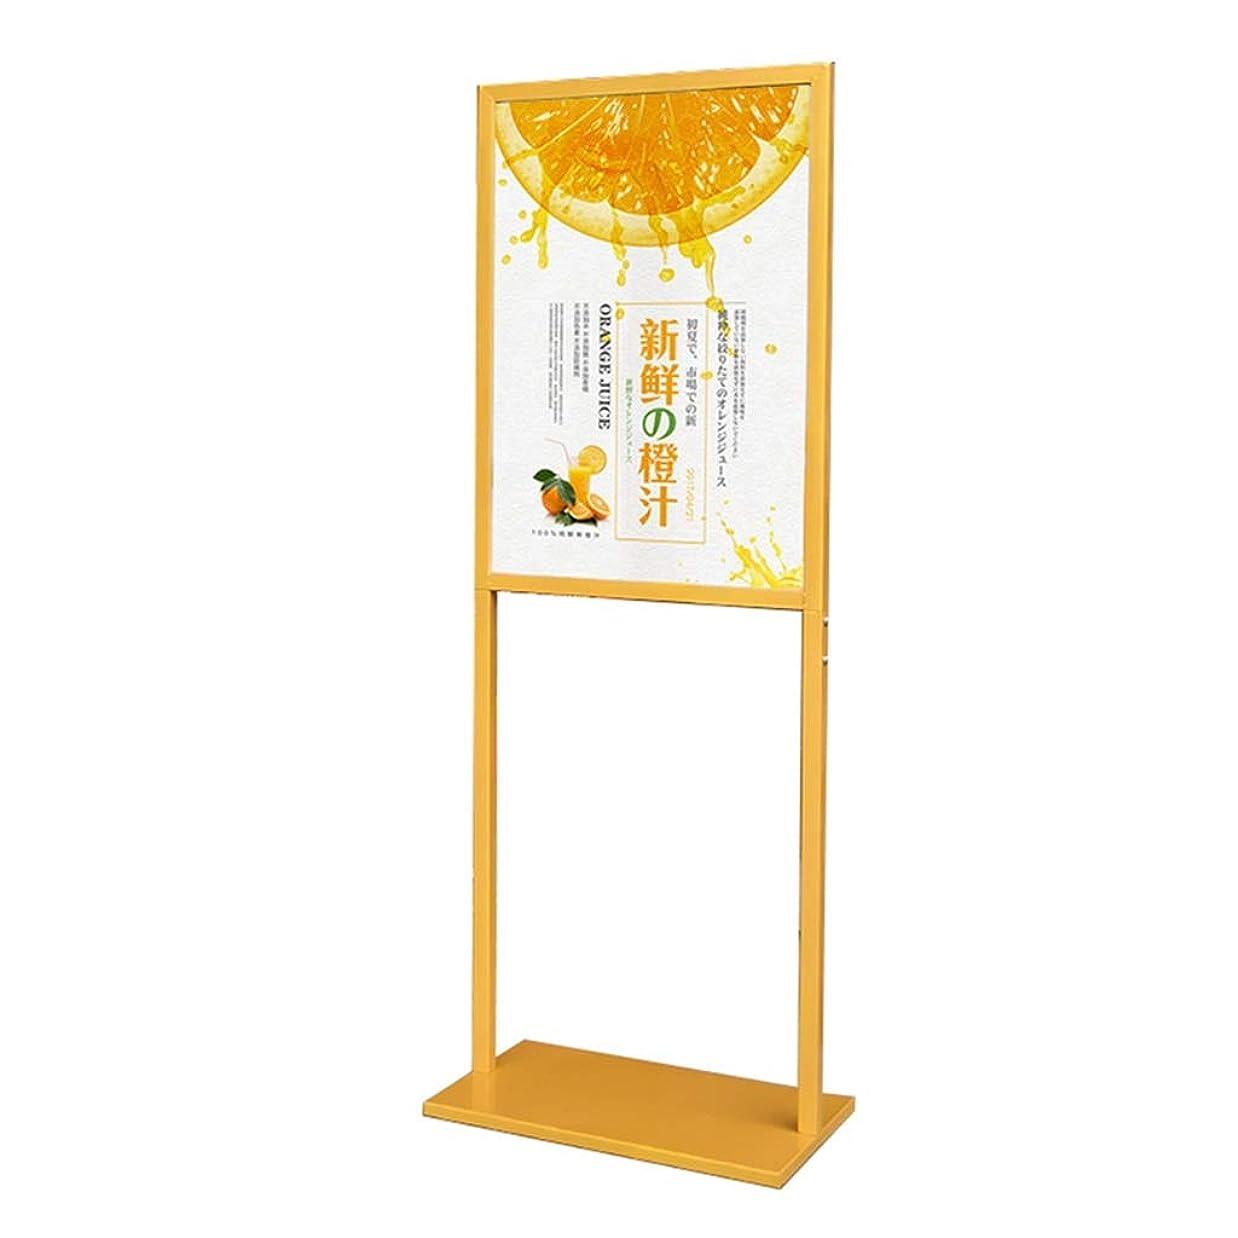 僕のシュガーディレクターJNYZQ 垂直KTボードディスプレイスタンド広告ライセンスガイドサインディスプレイスタンドシェルフポスタースタンドフロア (Color : Gold, Size : Small)